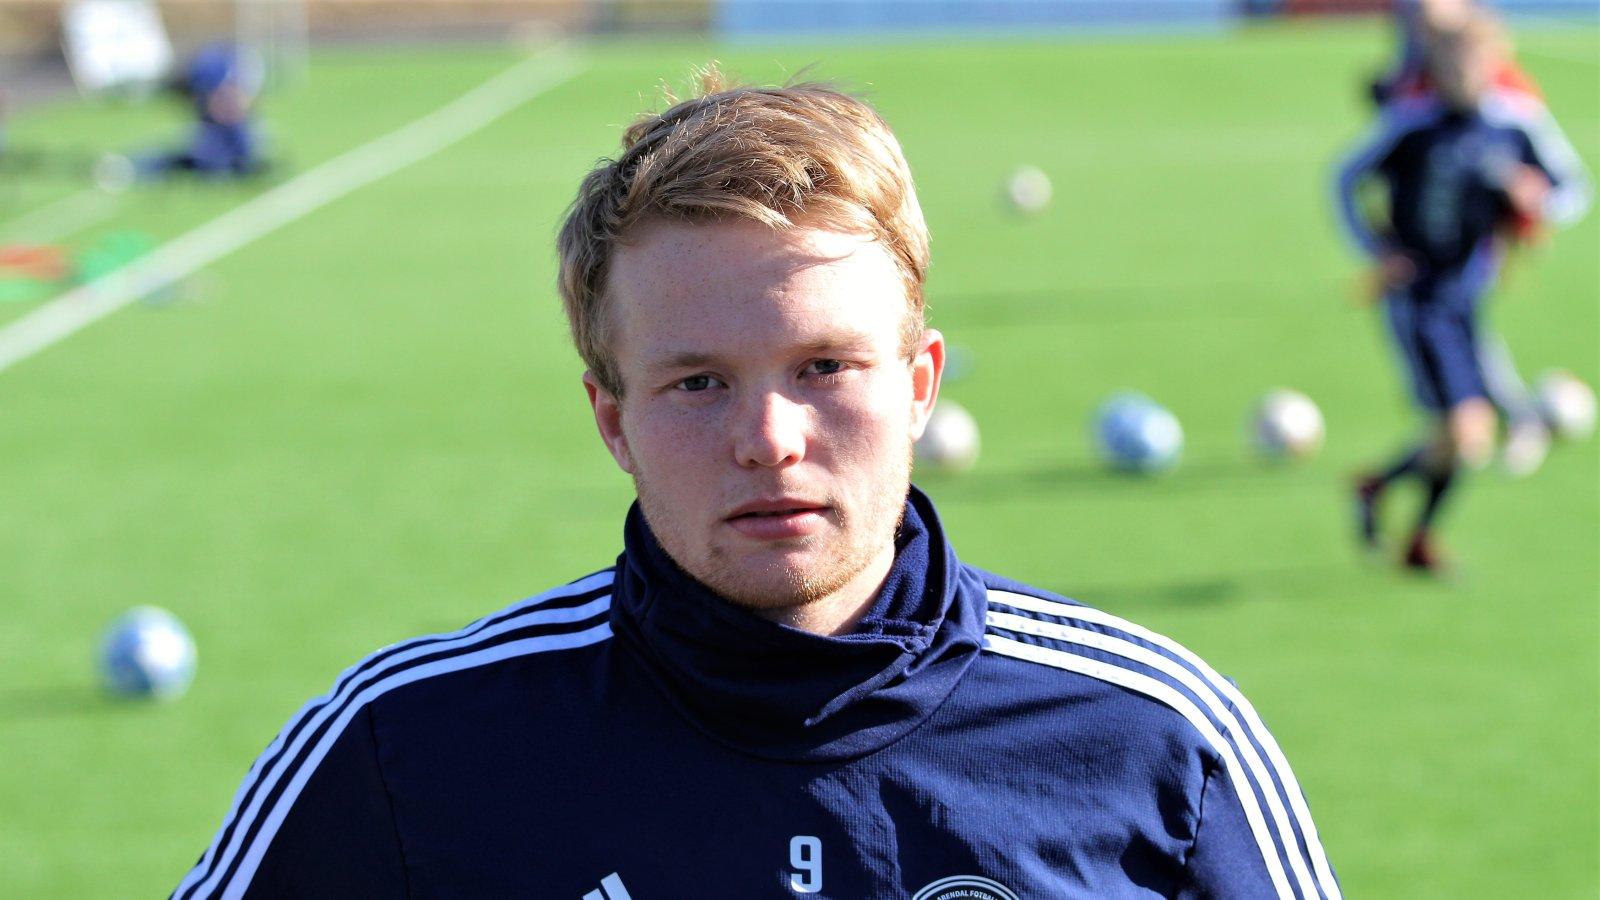 Fabian Stensrud Ness er kaptein for Arendal Fotball i 2019-sesongen. Han står med 41 offisielle kamper og 15 mål for Arendal foran den kommende sesongen.